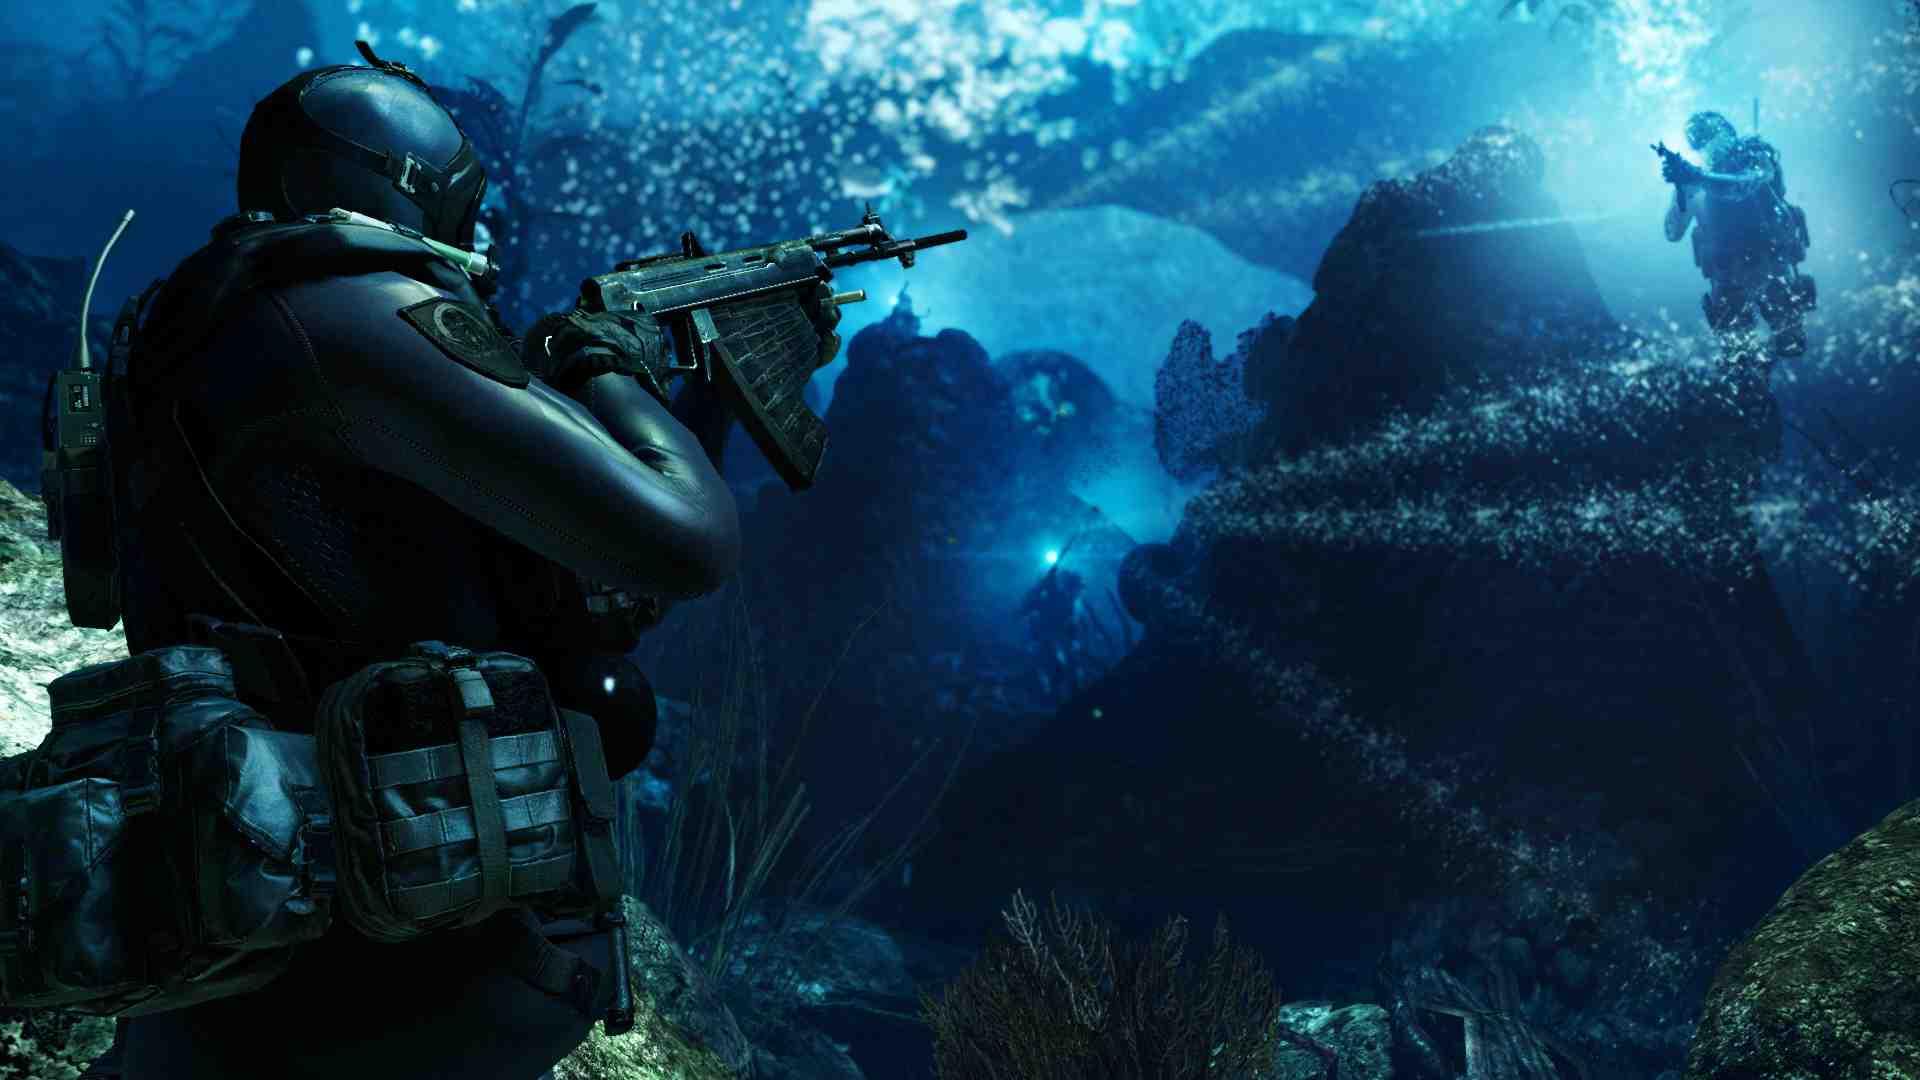 COD_Ghosts_Underwater_Ambushsmall